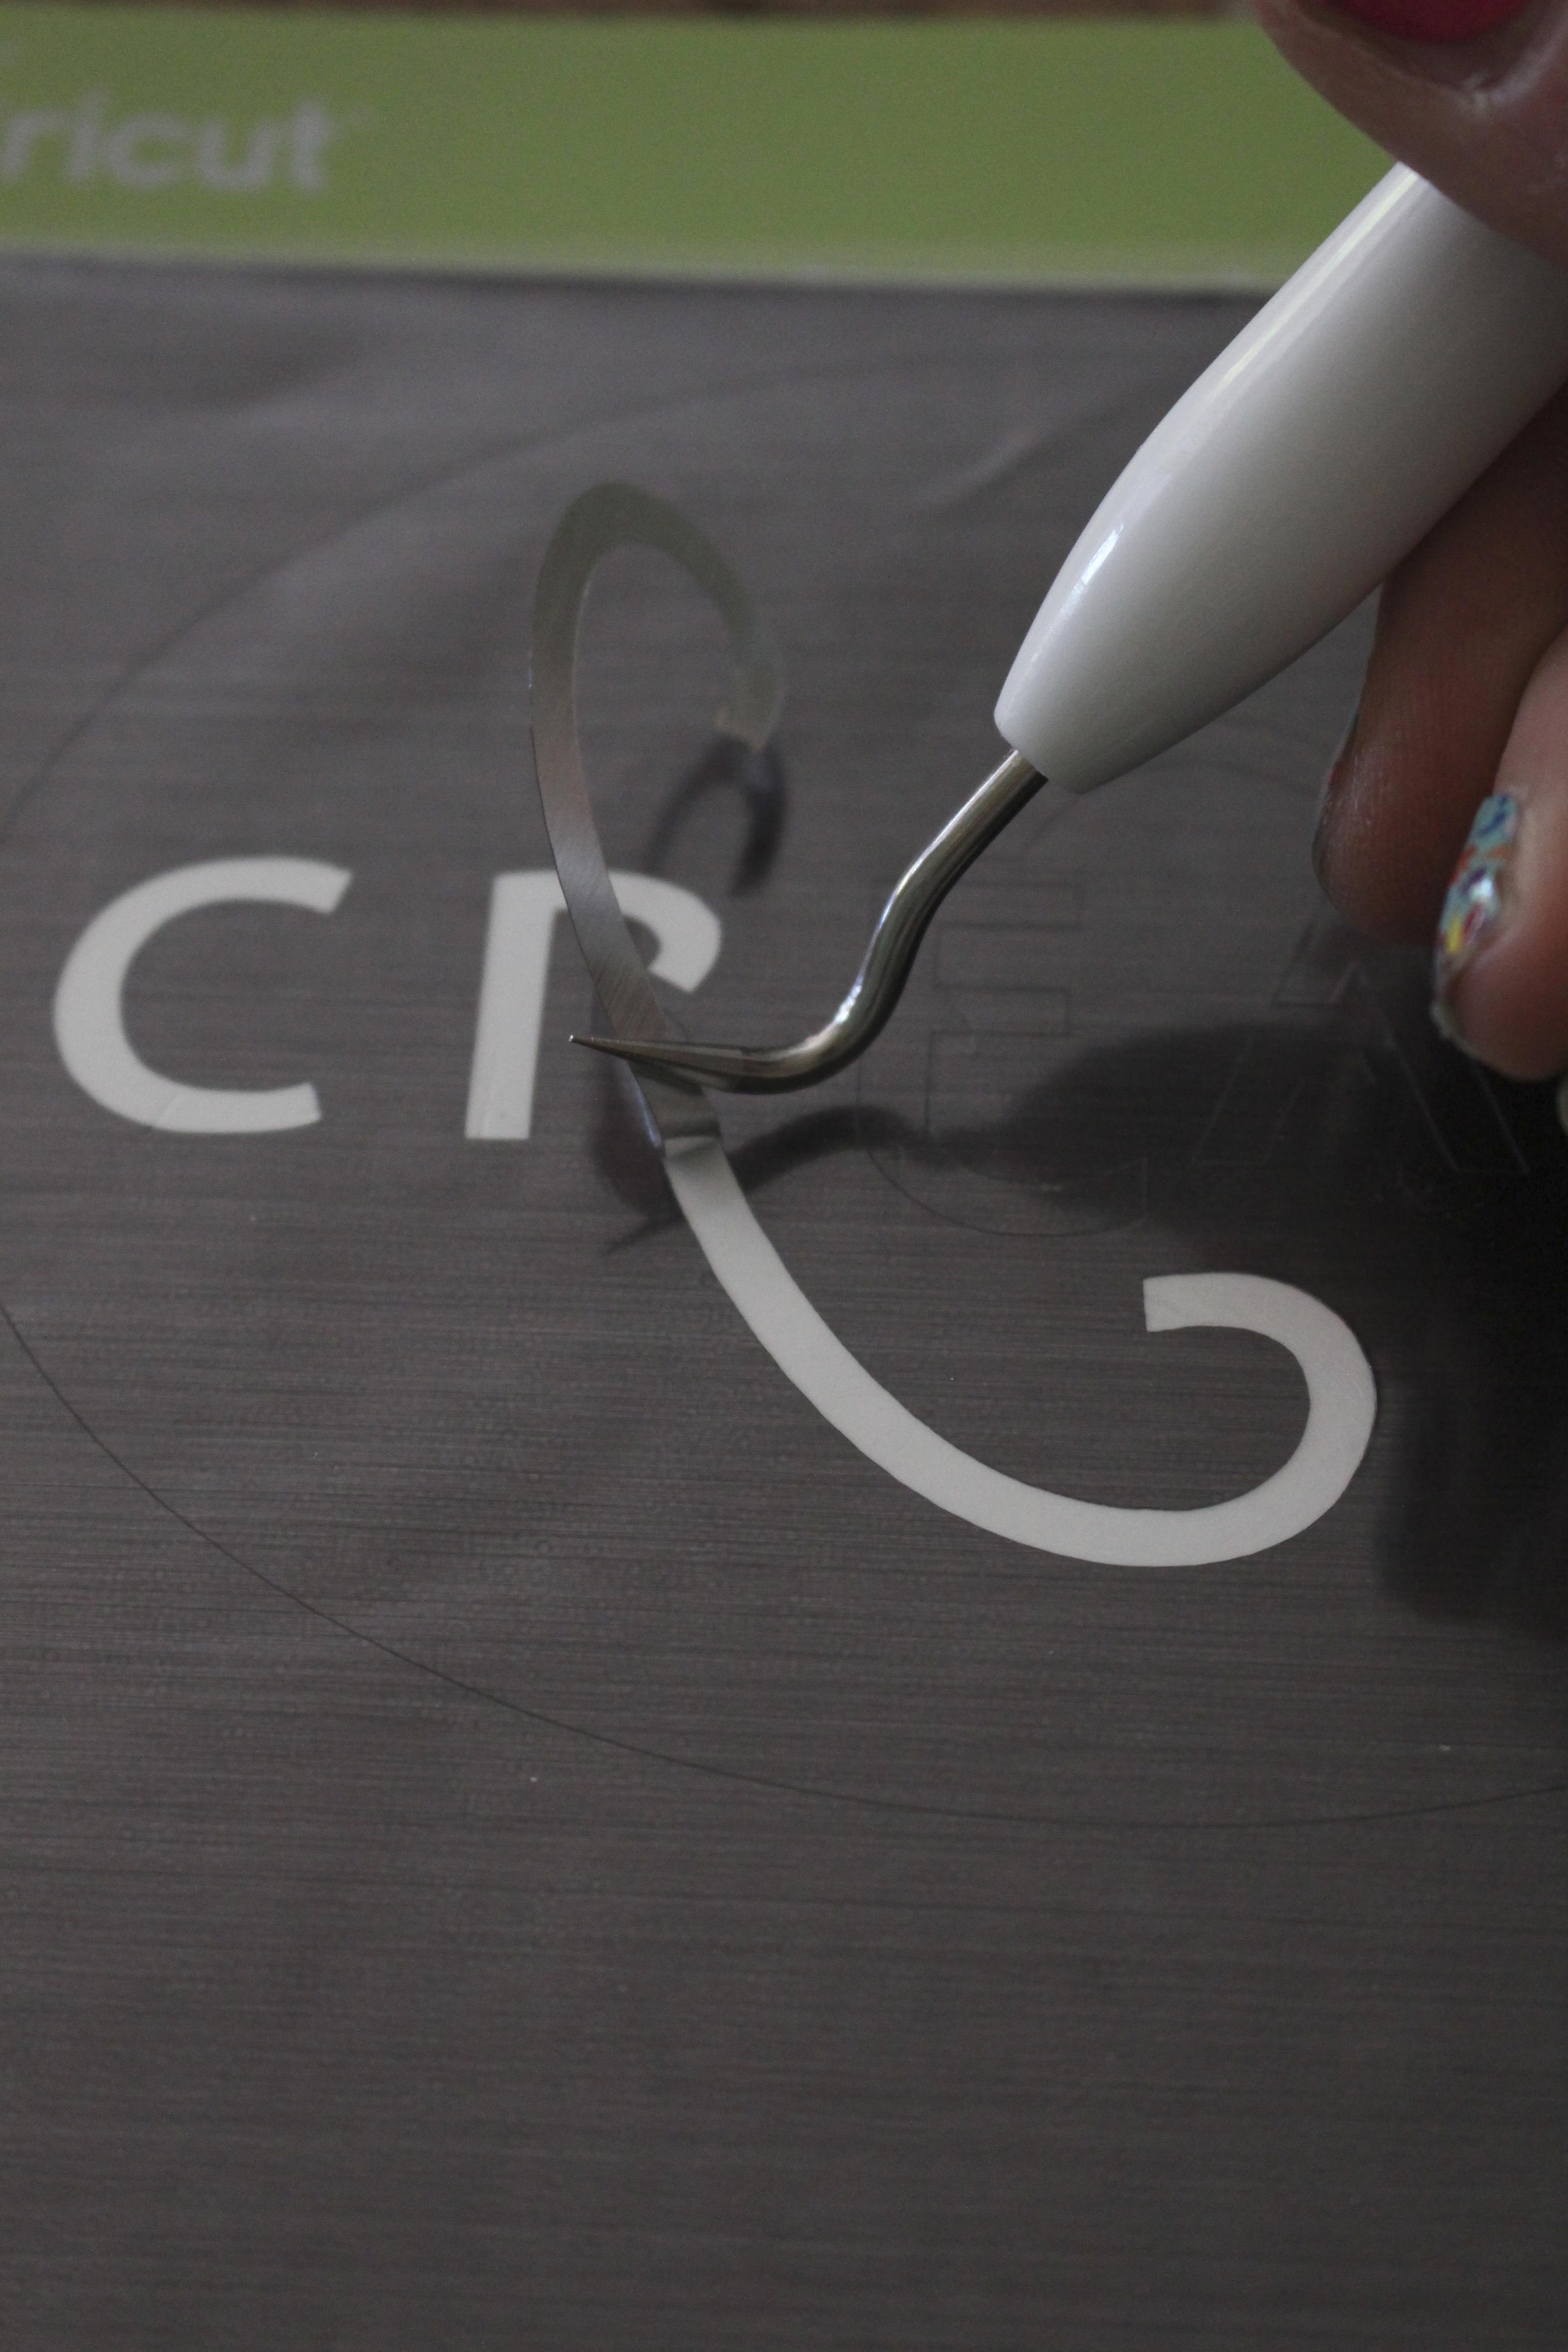 Cricut Explore Air 2- cutting machine- DIY- crafting machine- Cricut- using a writing and cutting machine for crafts